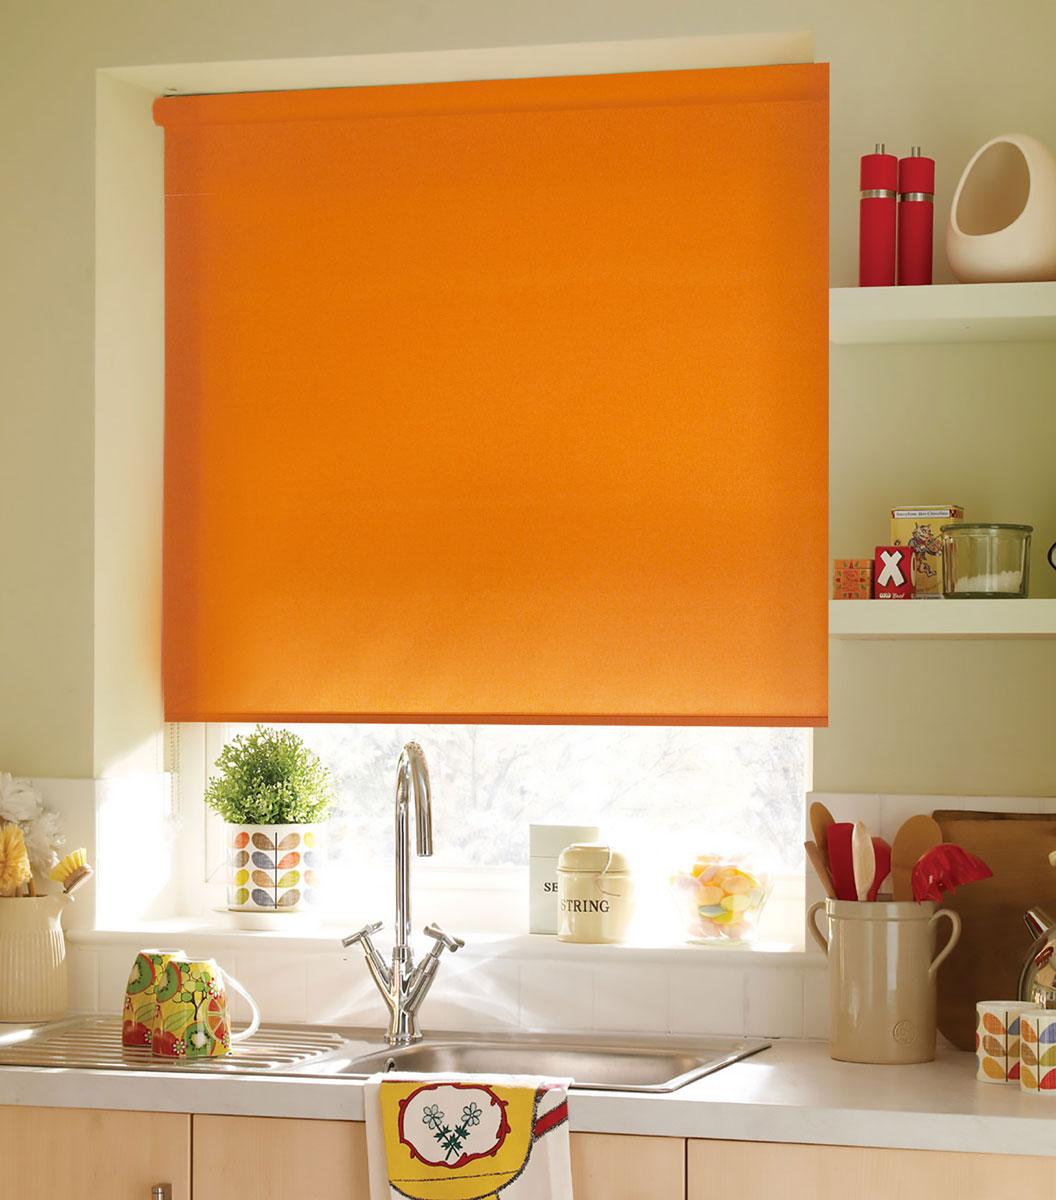 Миниролло KauffOrt 62х170 см, цвет: оранжевый